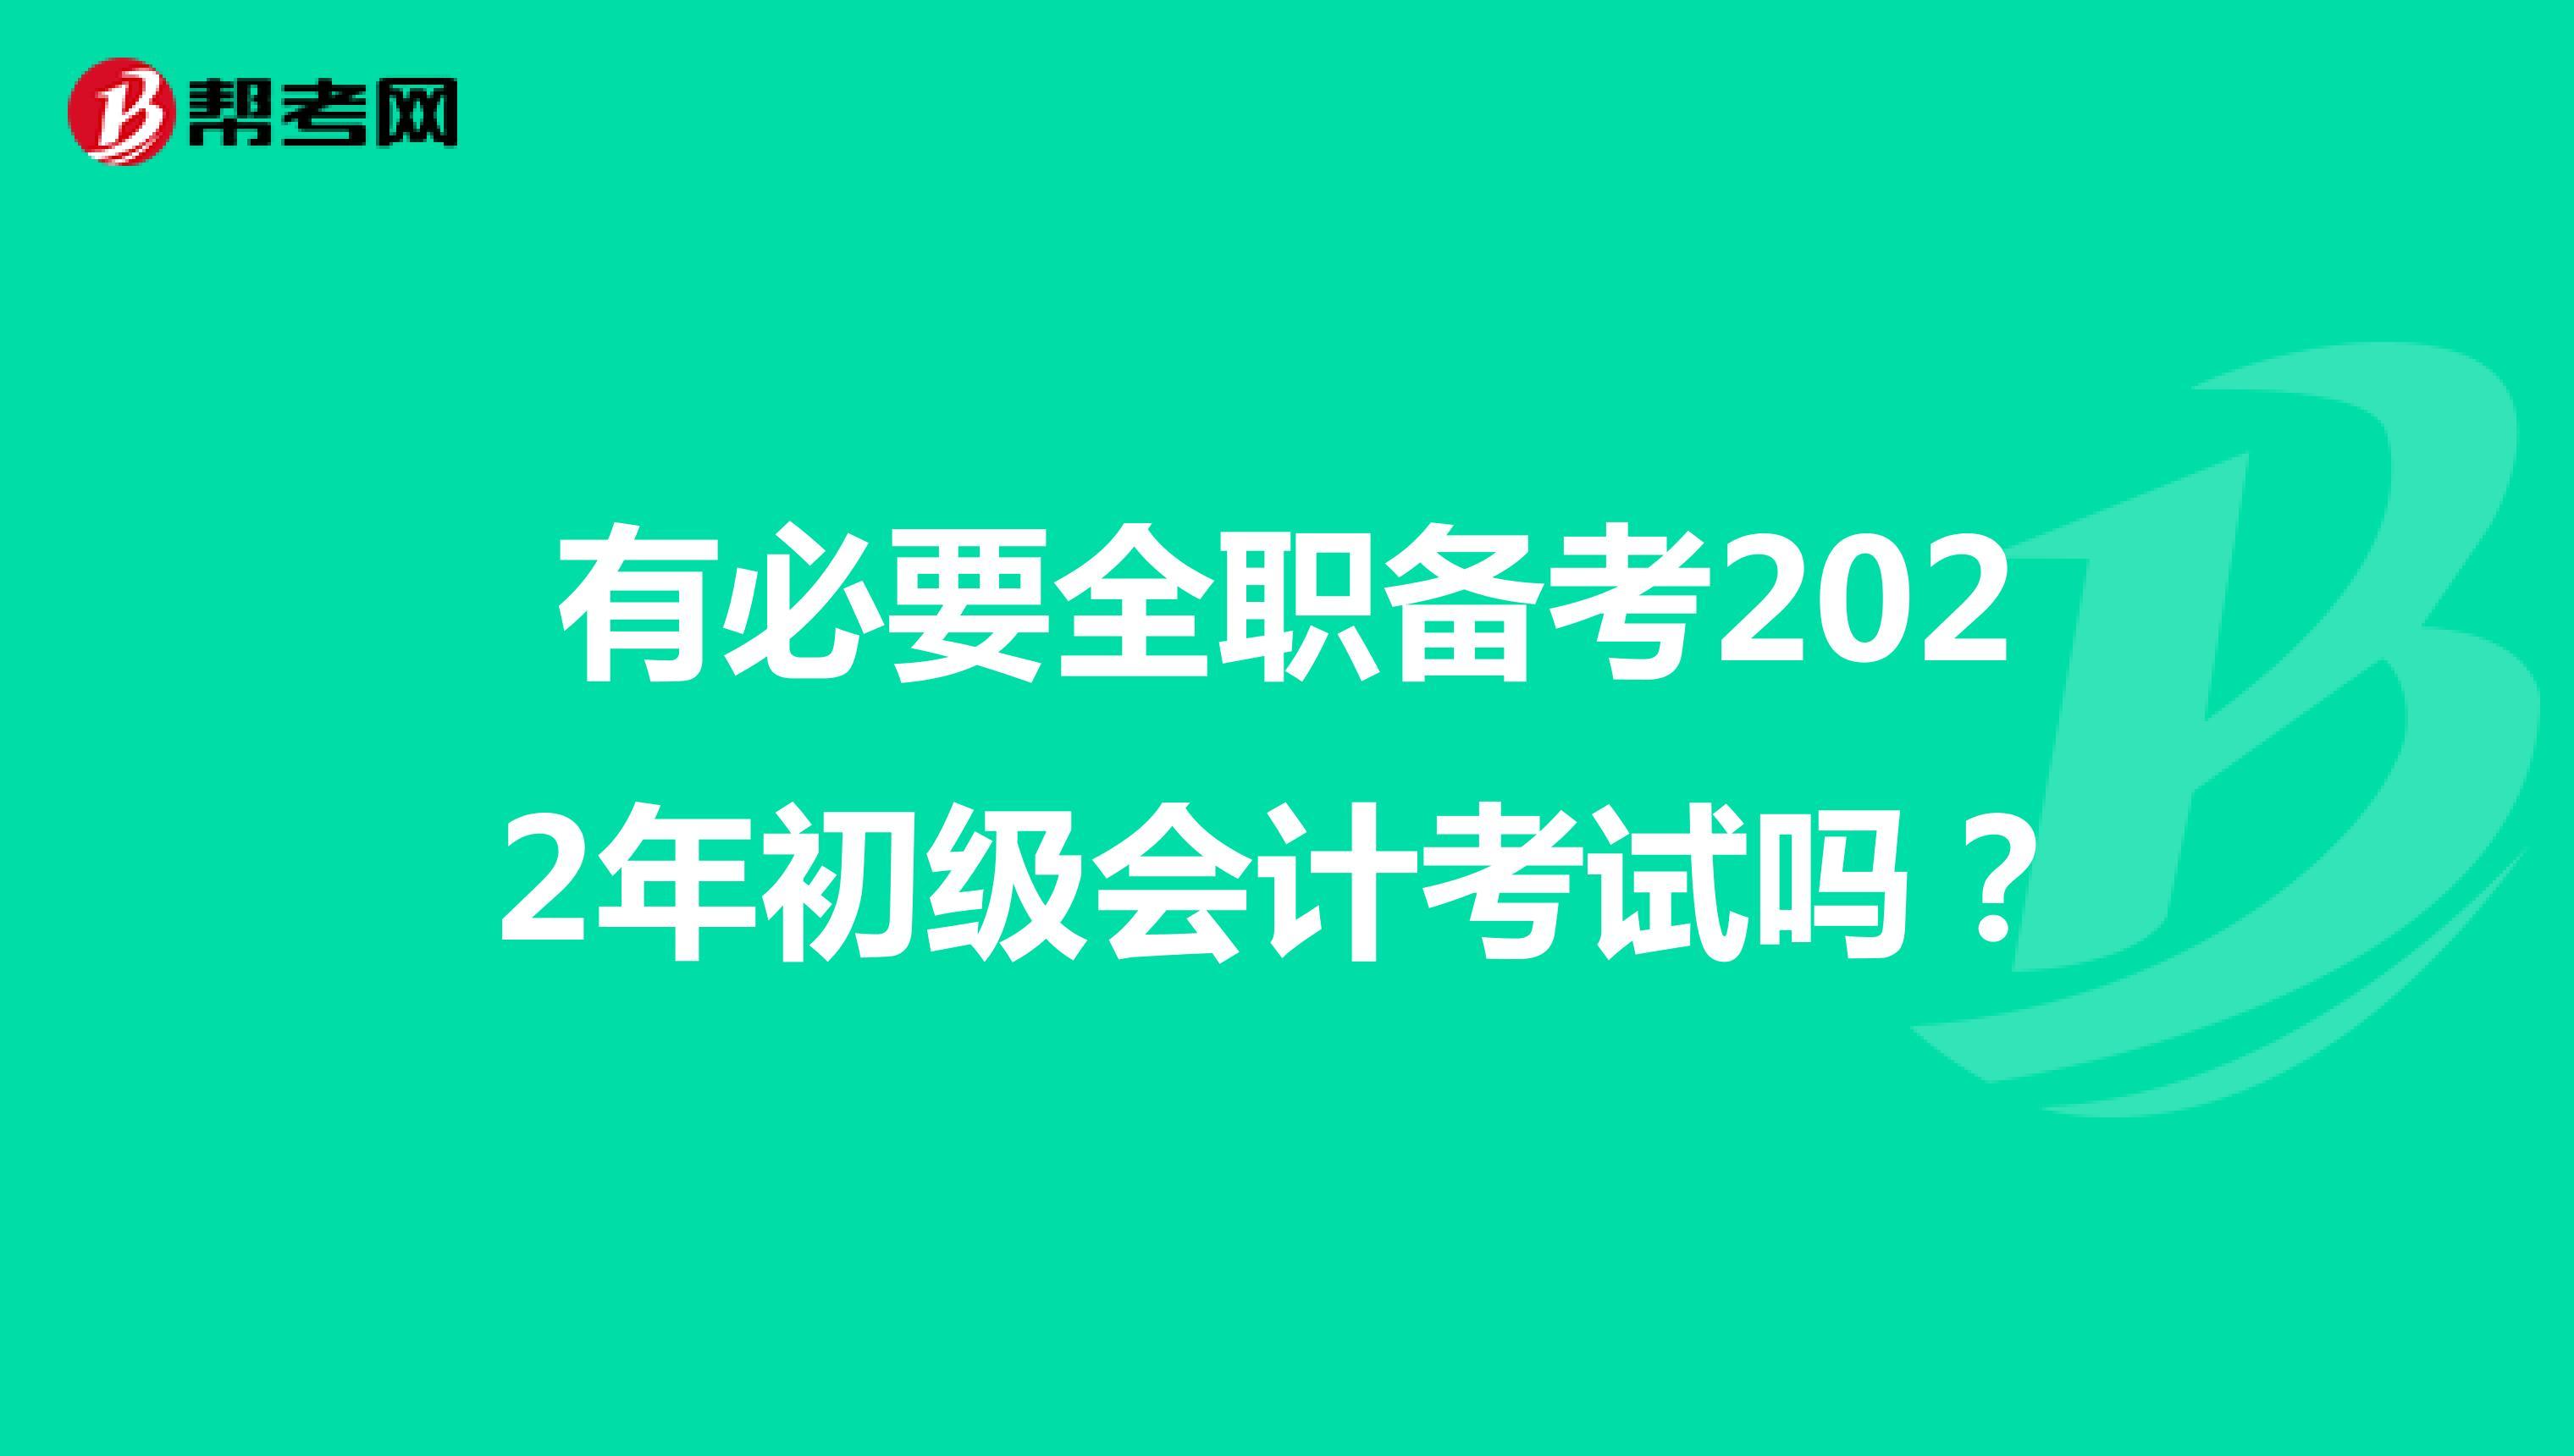 有必要全职备考2022年初级会计考试吗?